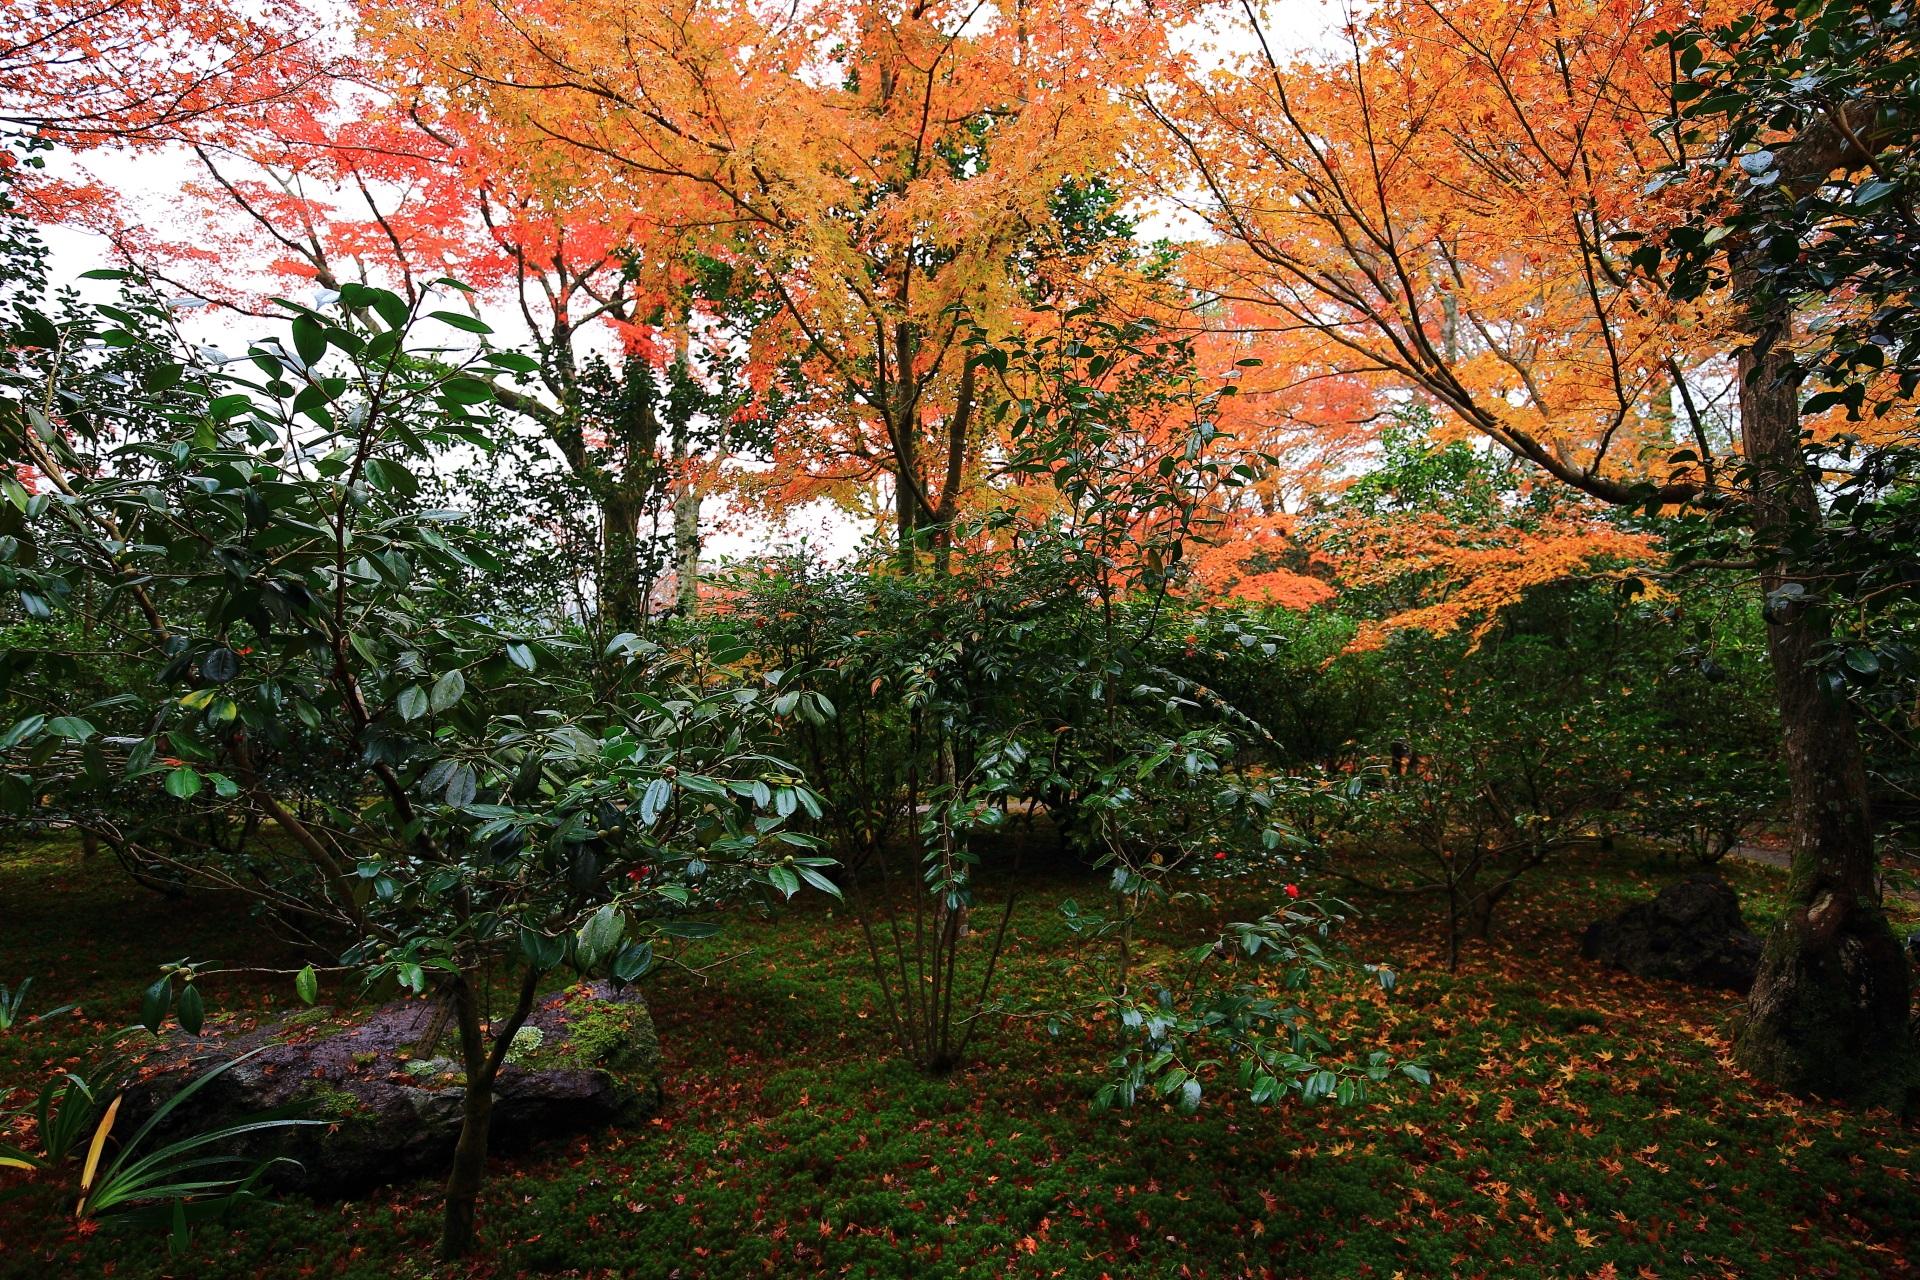 霊鑑寺楓の向かい側の苔と淡い紅葉の庭園